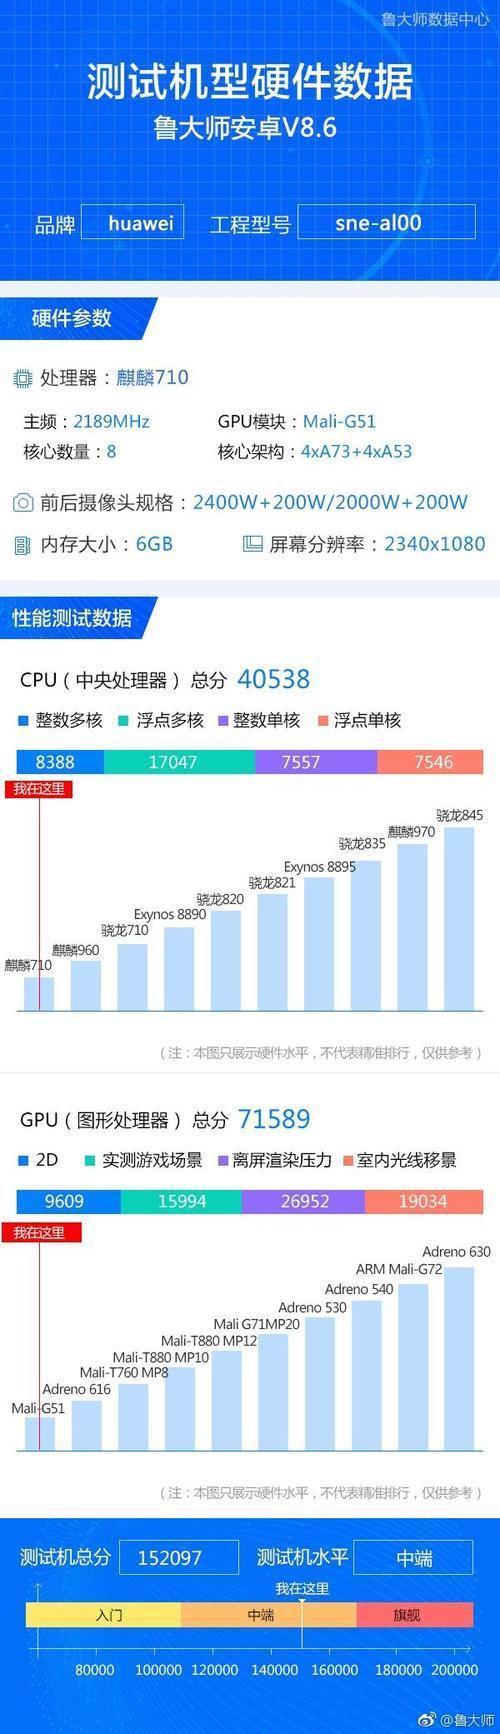 此外,从官方公布的海报看出,华为麦芒7采用的是刘海屏设计,背部为3d